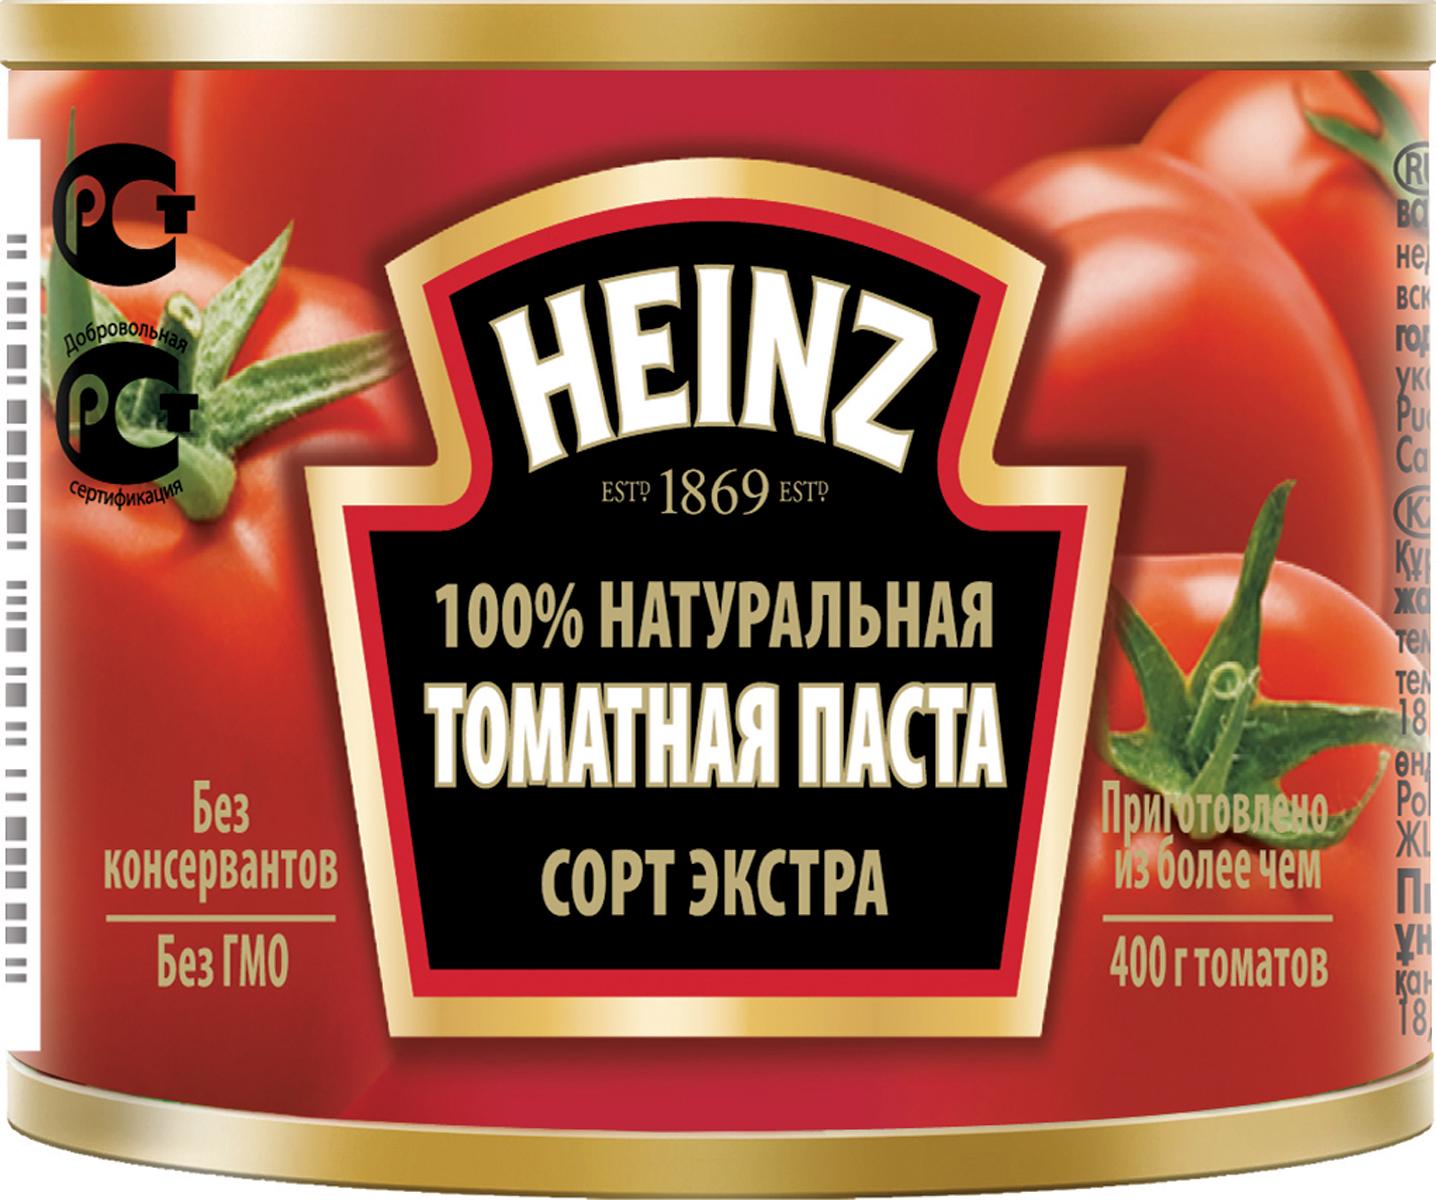 Heinz томатная паста, 70 г74000386Томатная паста Heinz сорта э кстра изготовлена только из спелых помидоров, выращенных с особой заботой и любовью. Именно благодаря пристальному контролю специалистов она отвечает высочайшим стандартам качества. Паста обладает таким насыщенным вкусом, что даже небольшое ее количество сделает вкус ваших любимых блюд глубоким и изысканным.